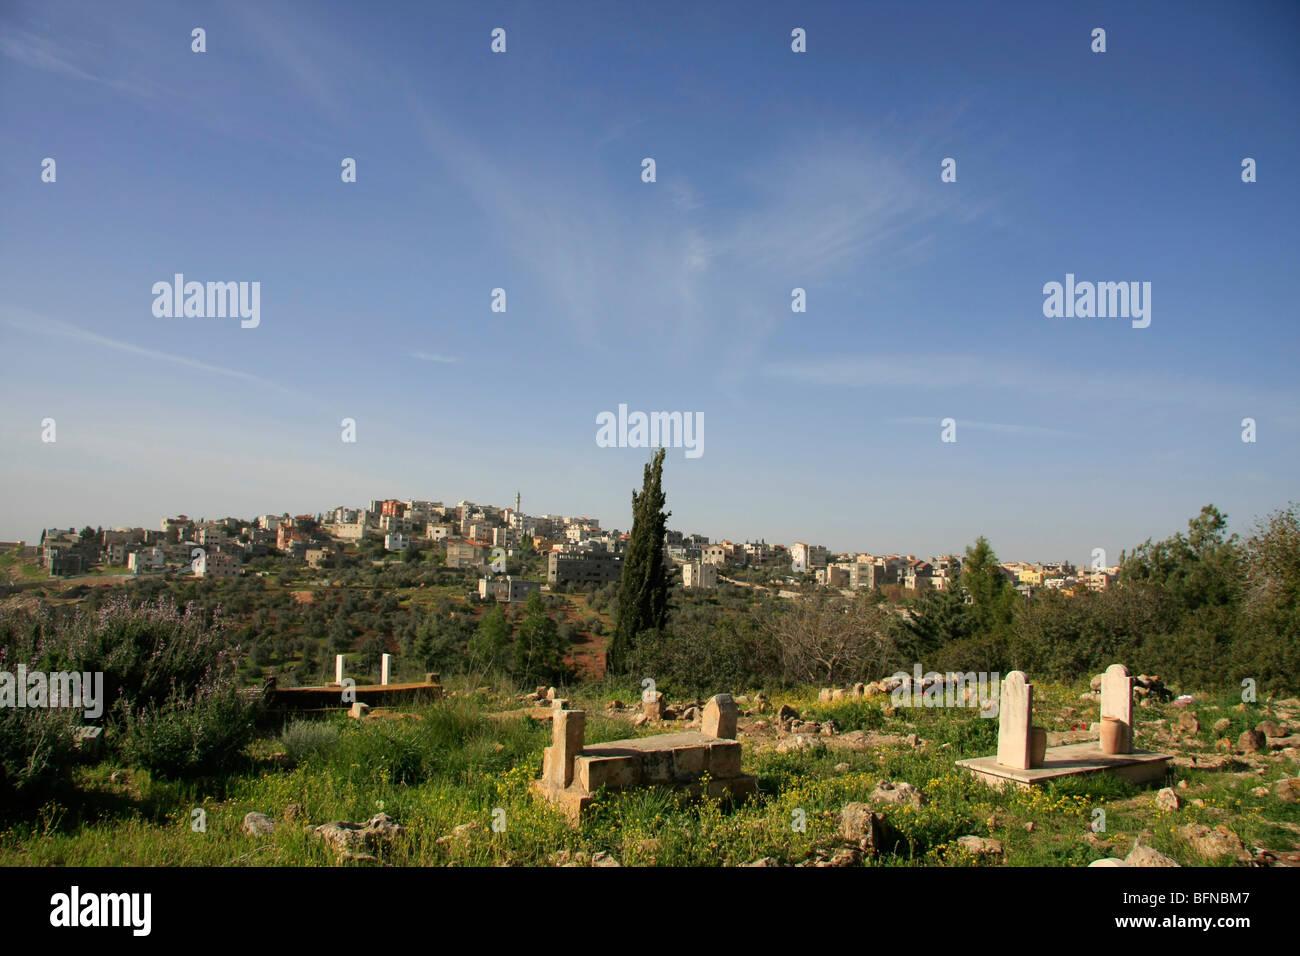 Israel, la Baja Galilea, Cementerio de la aldea árabe Kaukab Abu el-hija Imagen De Stock